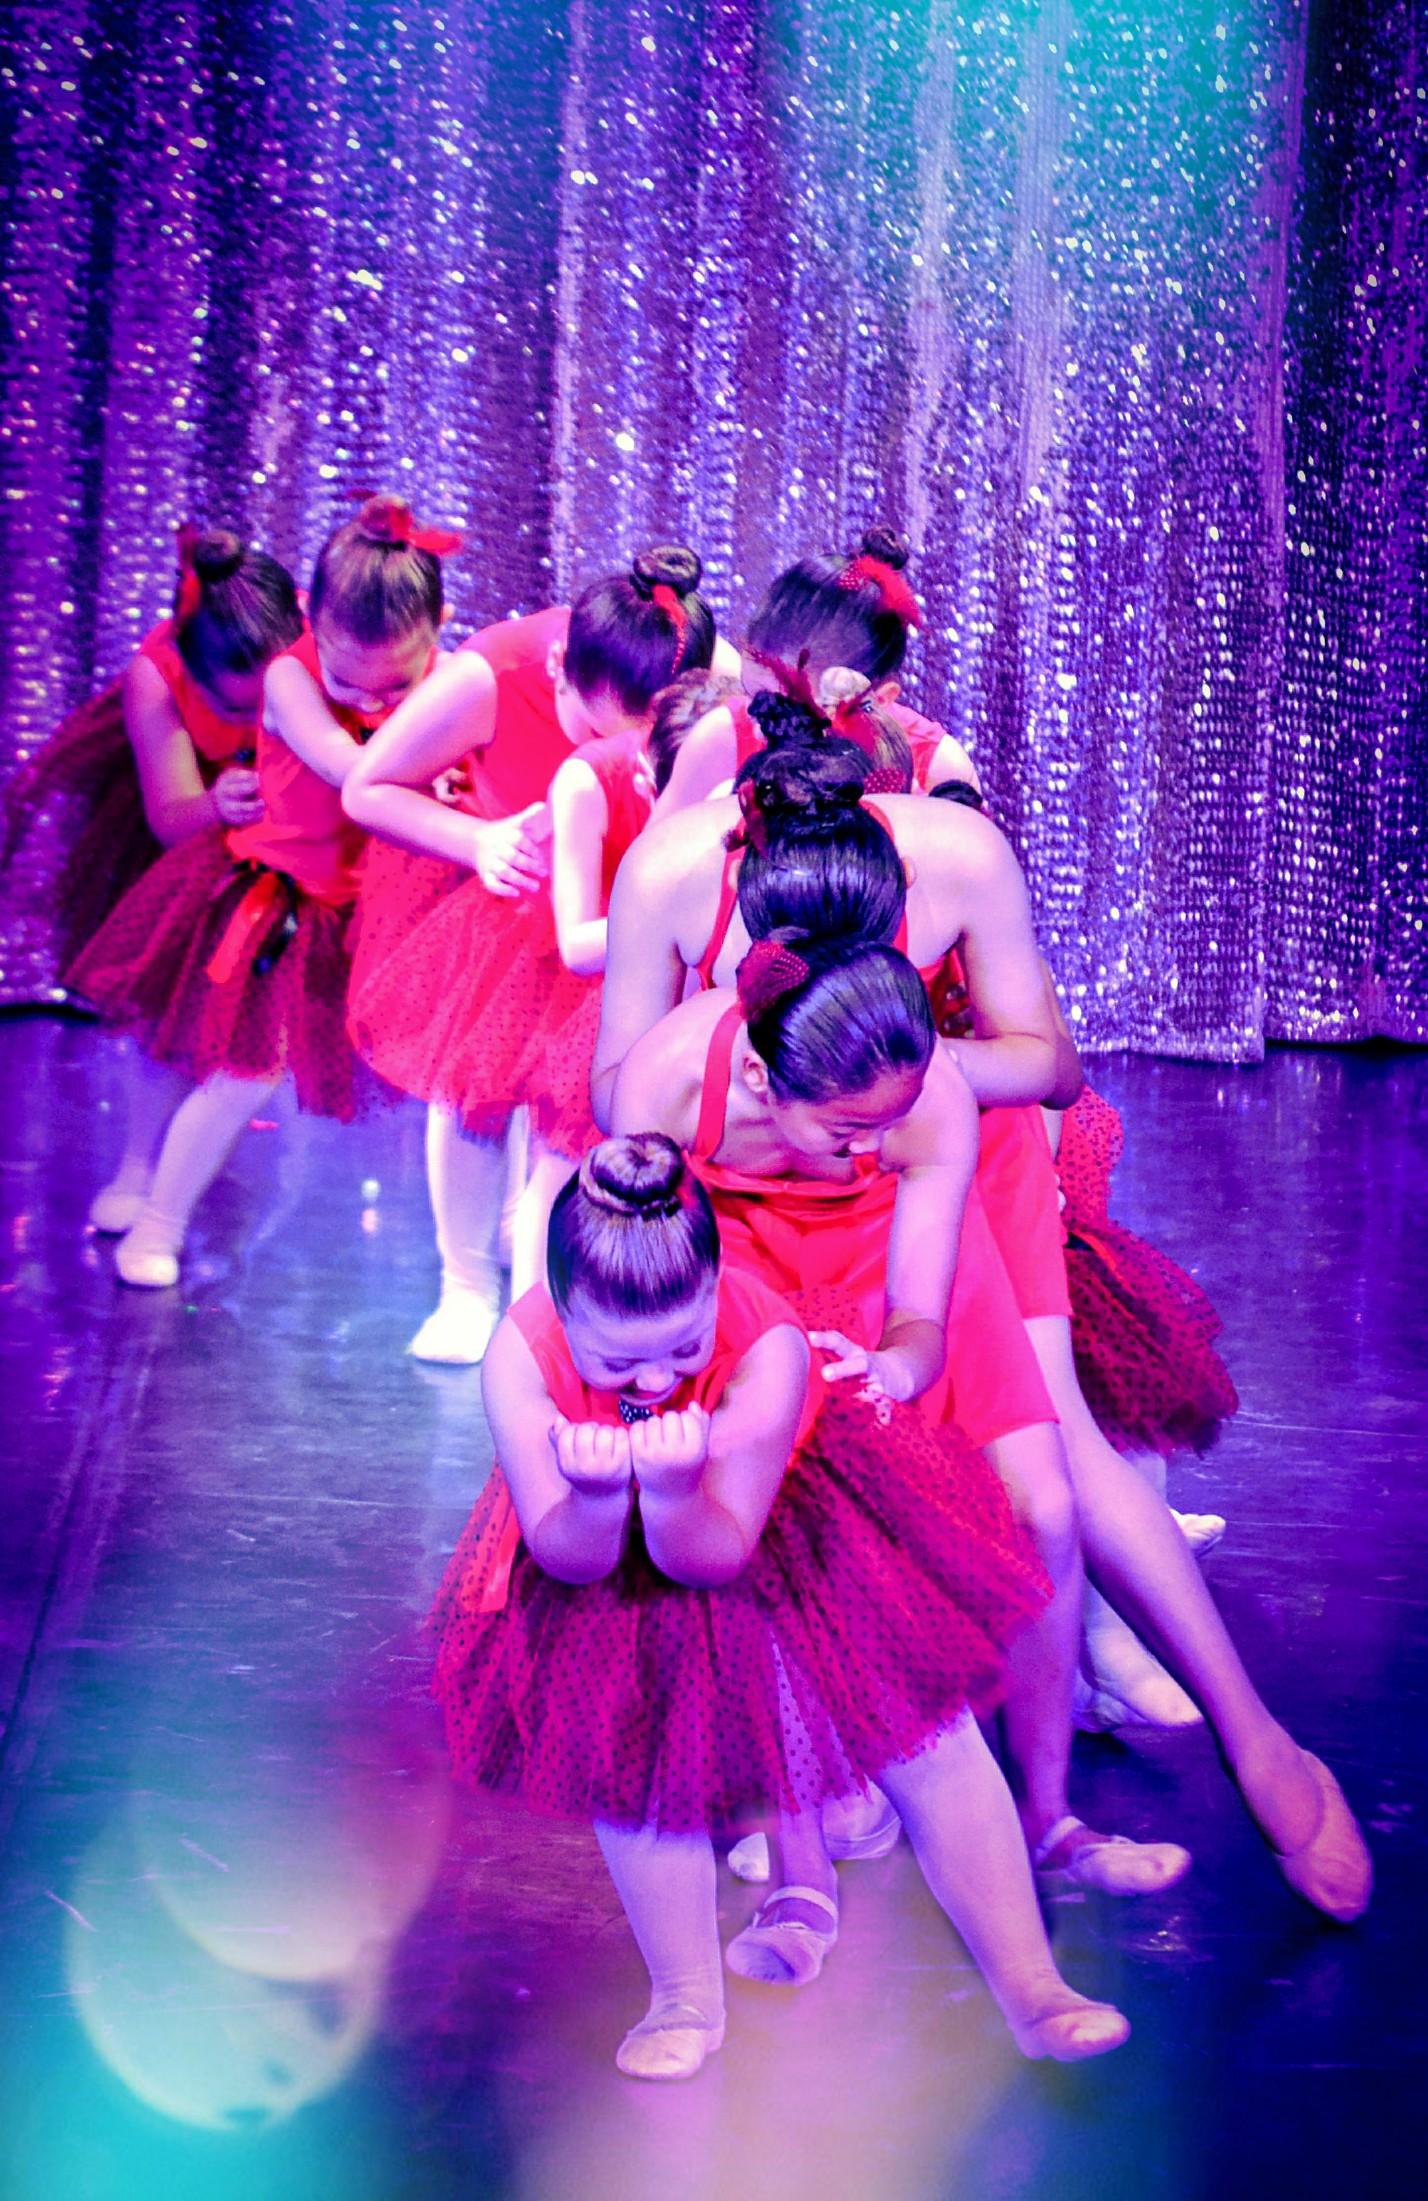 Linea-de-Baile-festival-verano-2015-clases-de-baile-valencia-3